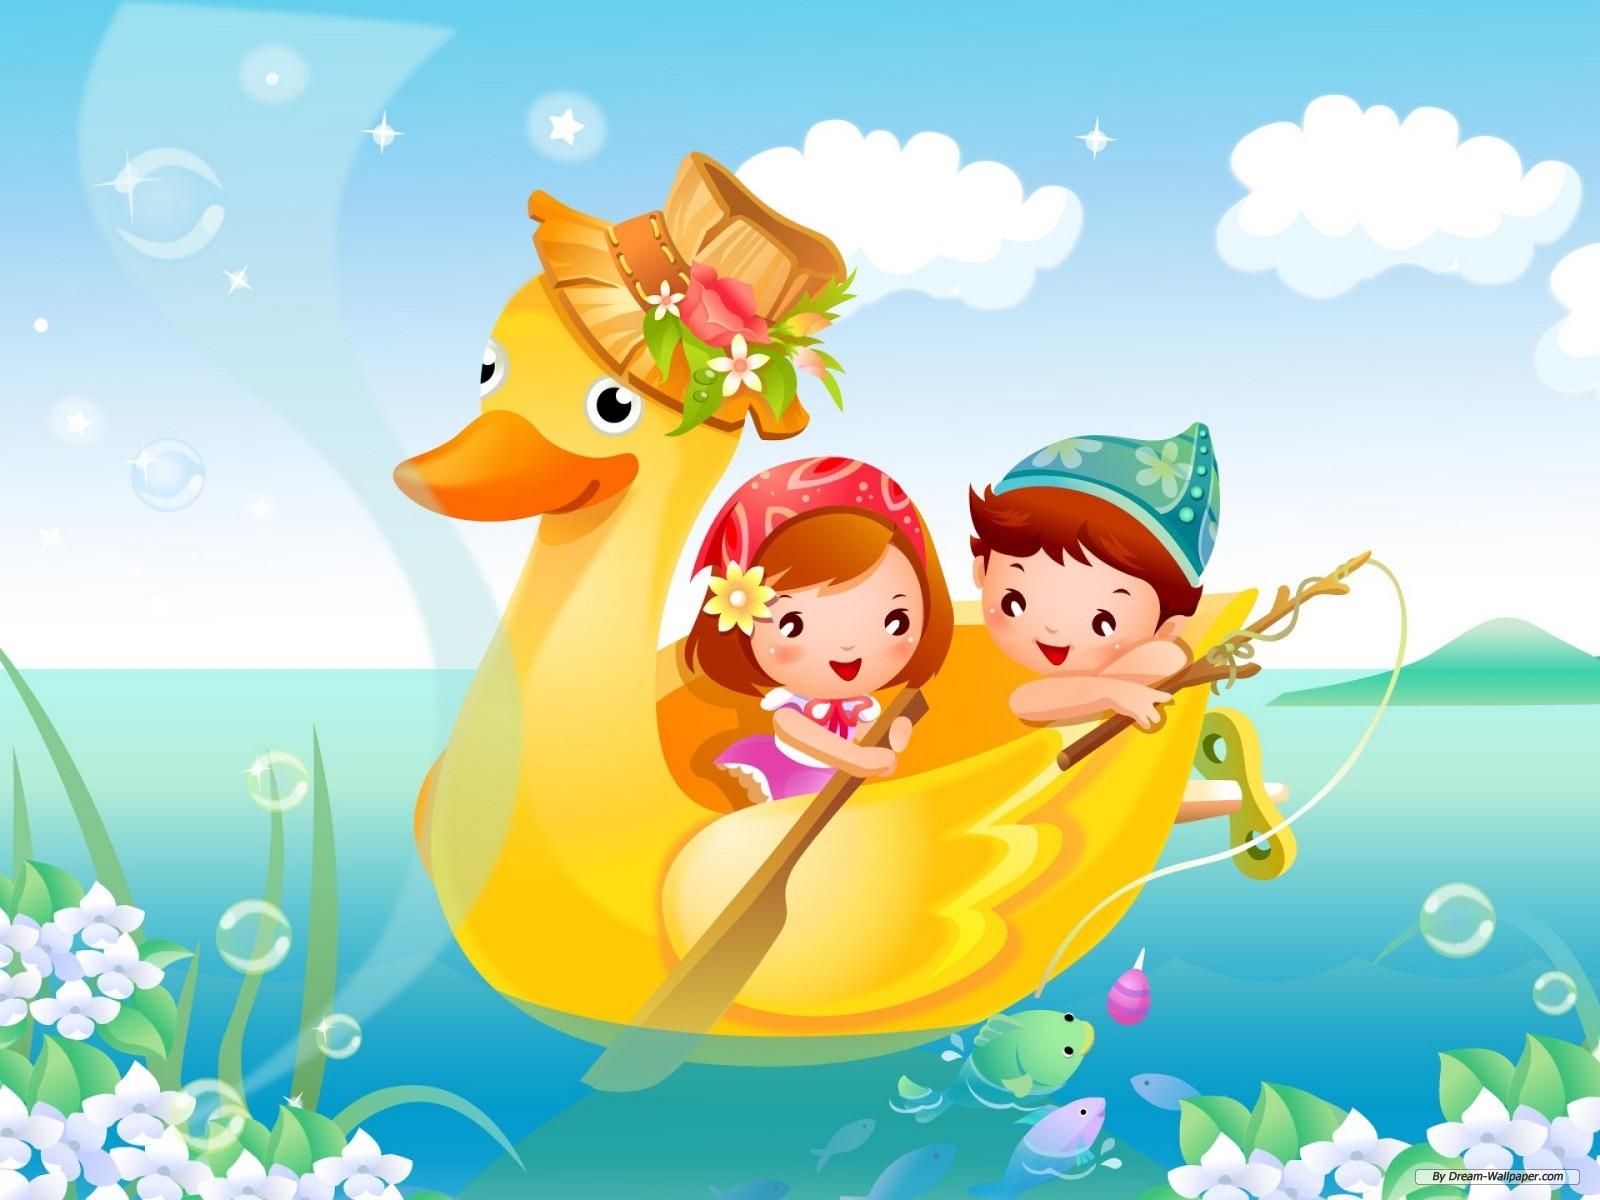 Cartoon wallpaper   Children Games 3 wallpaper   1600x1200 wallpaper 1600x1200